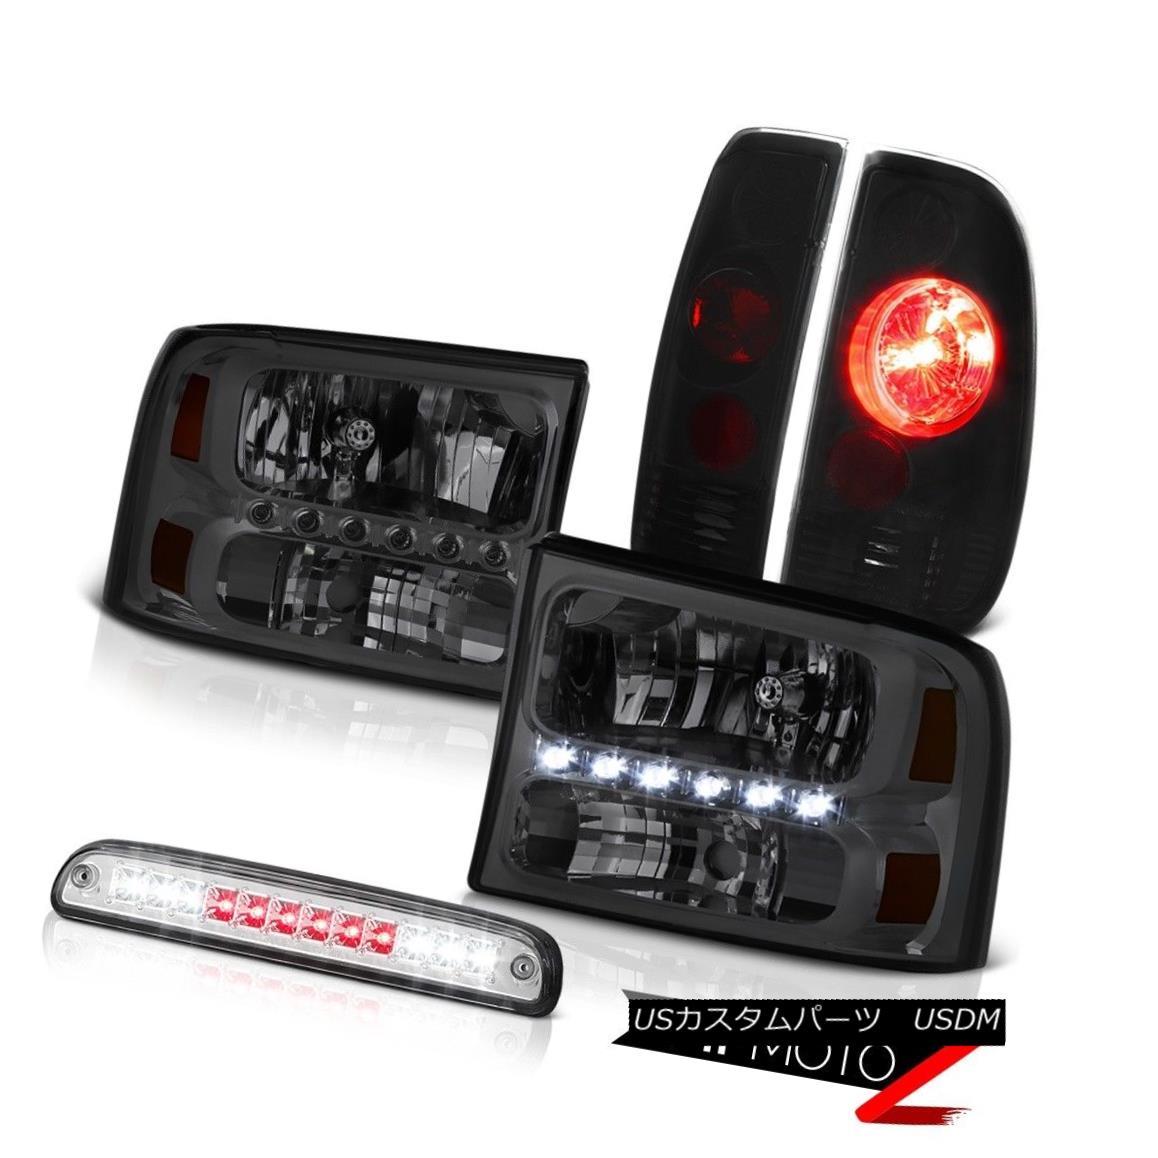 テールライト Pair Smoke Headlamps Euro Third Brake LED Smoke+Black Tail Light 99-04 F350 XLT ペア煙ヘッドランプユーロ第3ブレーキLED煙+黒テールライト99-04 F350 XLT